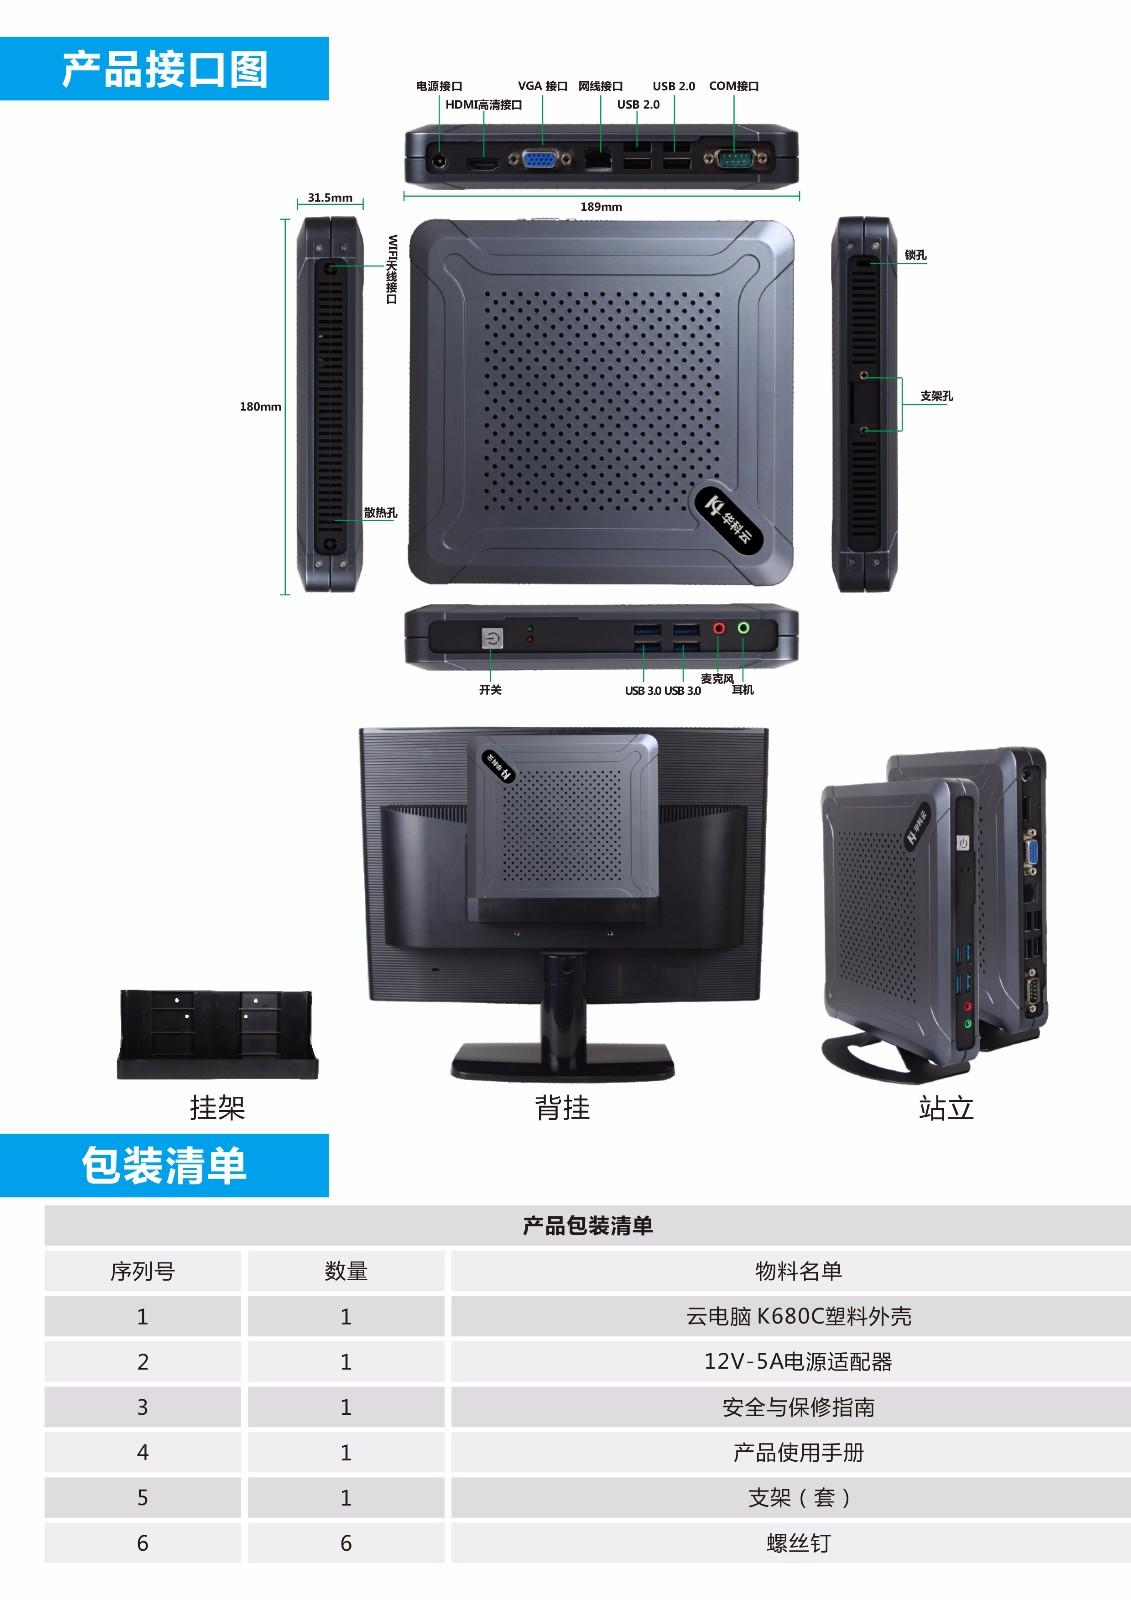 K680C接口.jpg